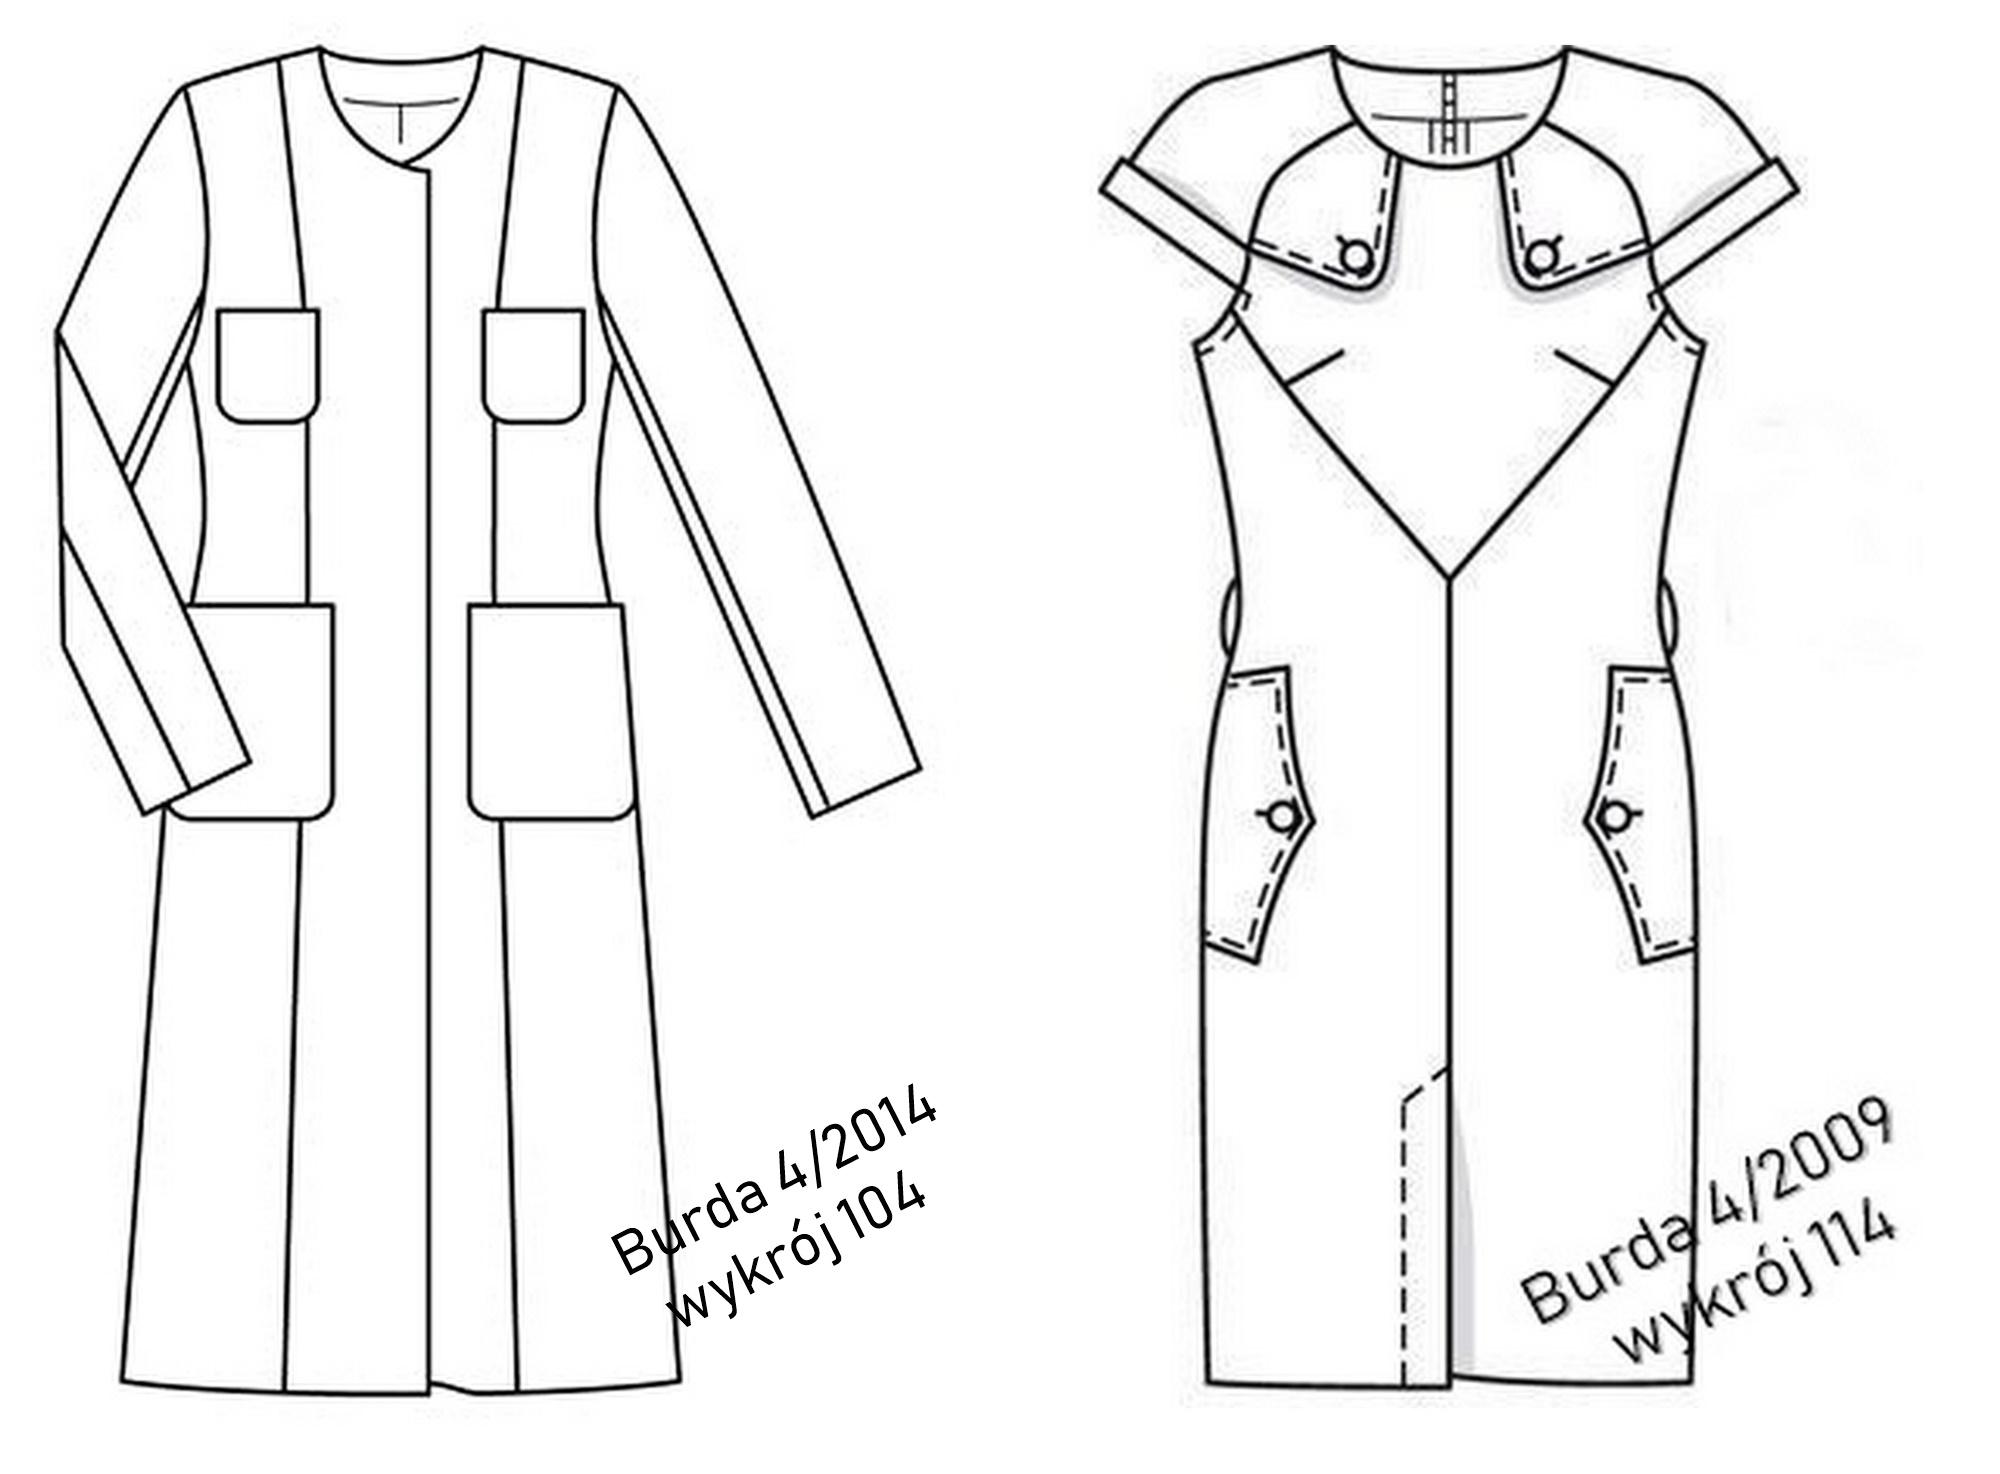 wykrój plaszcza i sukienki